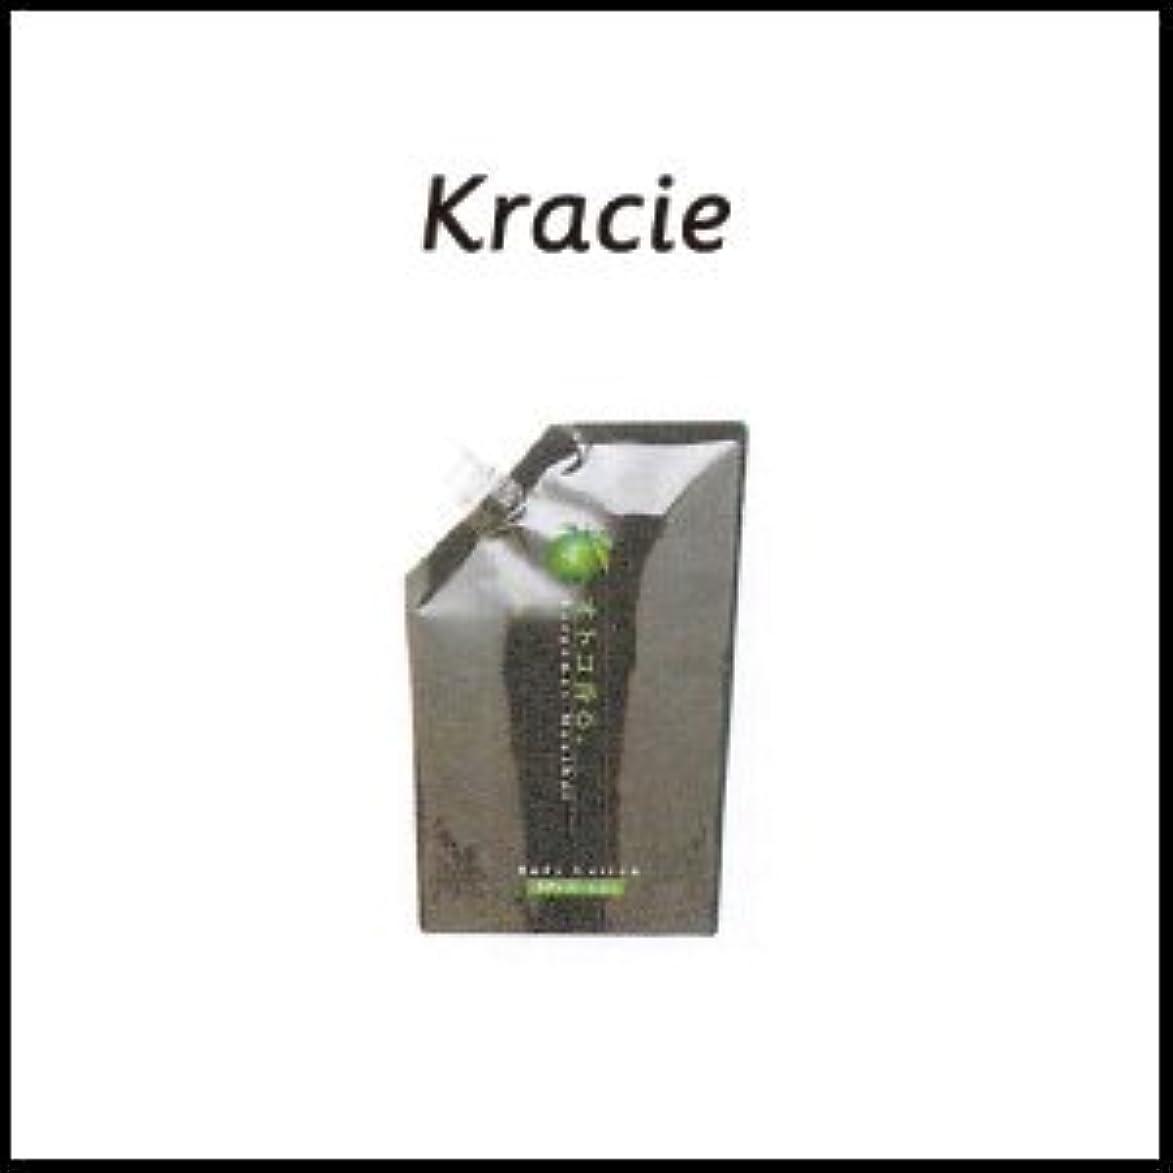 混合した抵抗力がある歯科のクラシエ オトコ香る ボディローション(ベルガモット) 500ml 詰替え用(レフィル)